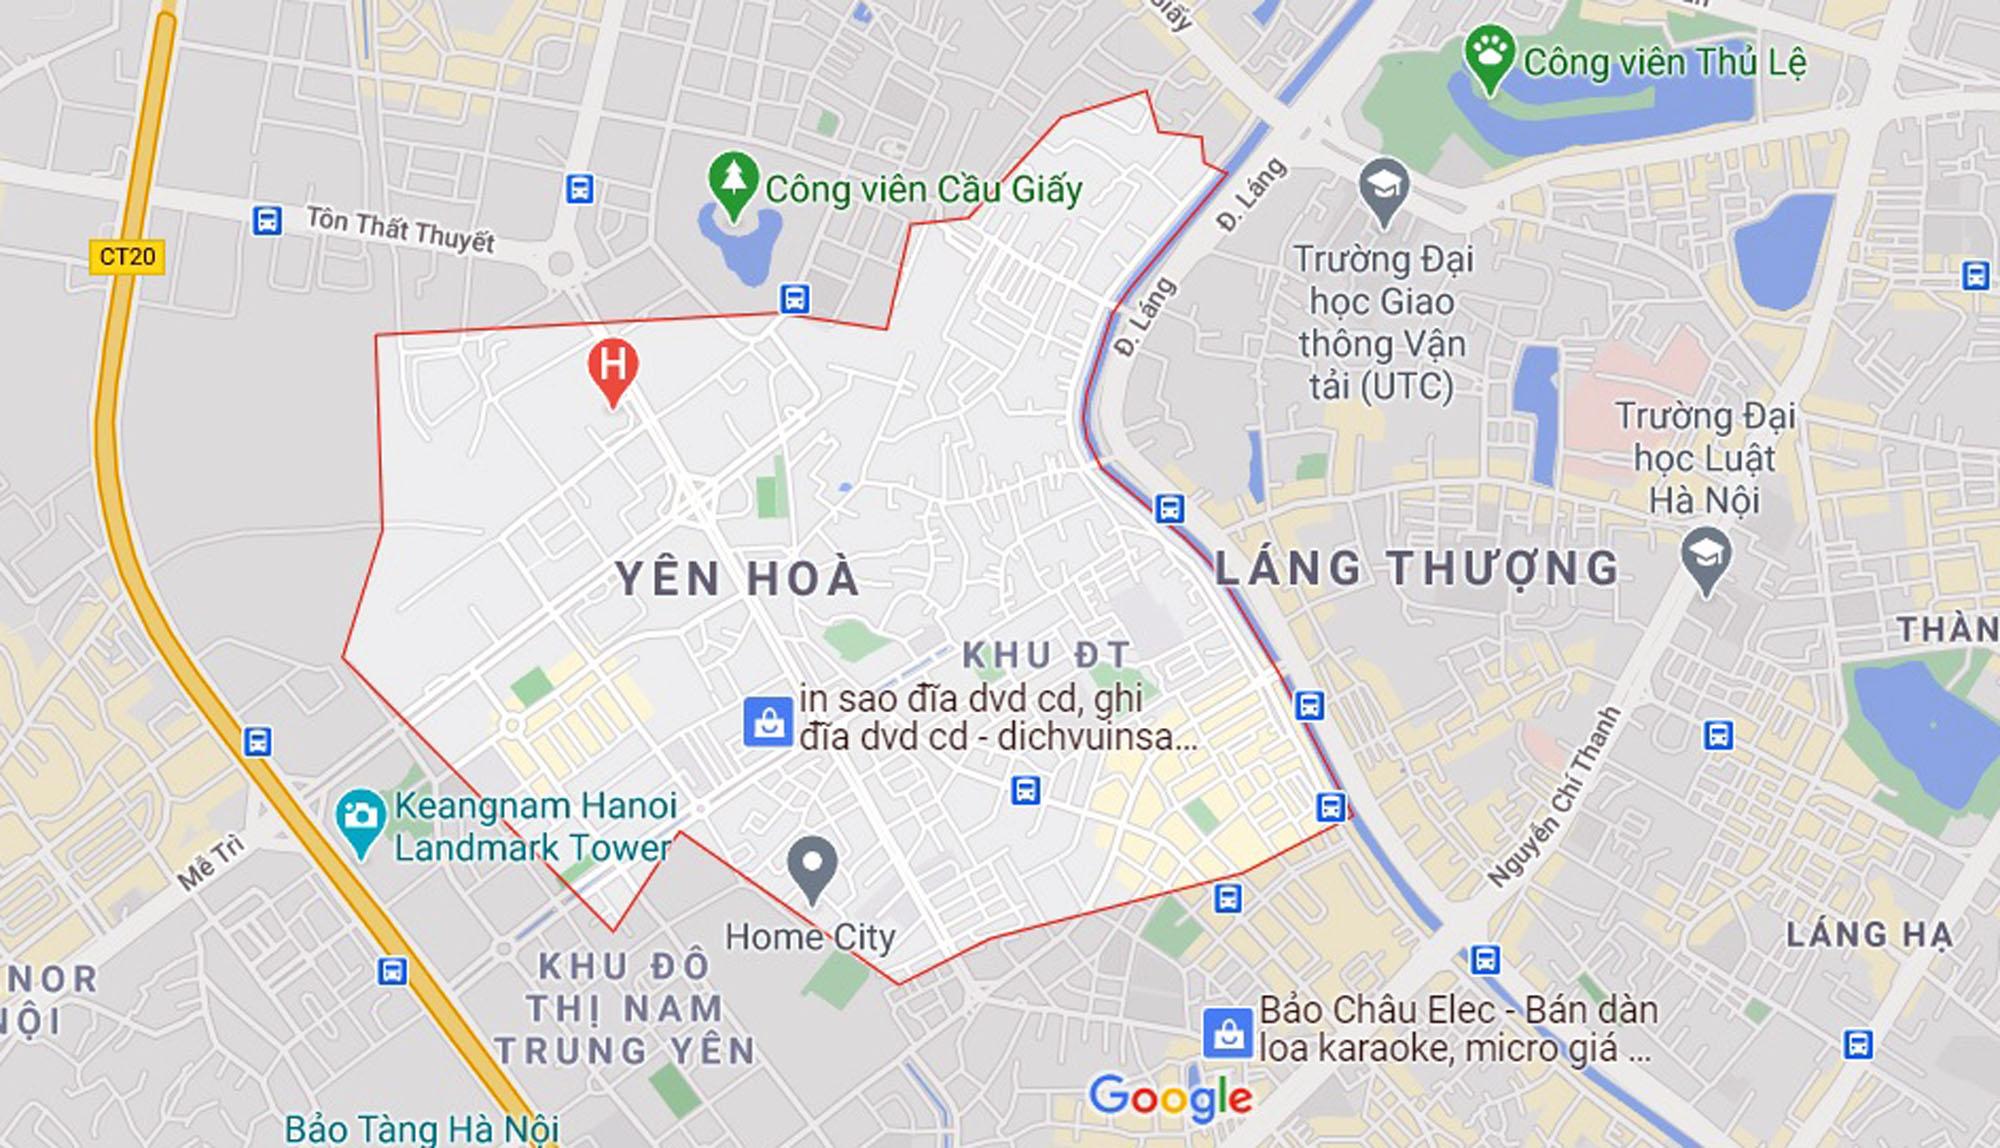 đường sẽ mở theo qui hoạch ở phường Yên Hòa, Cầu Giấy, Hà Nội - Ảnh 1.